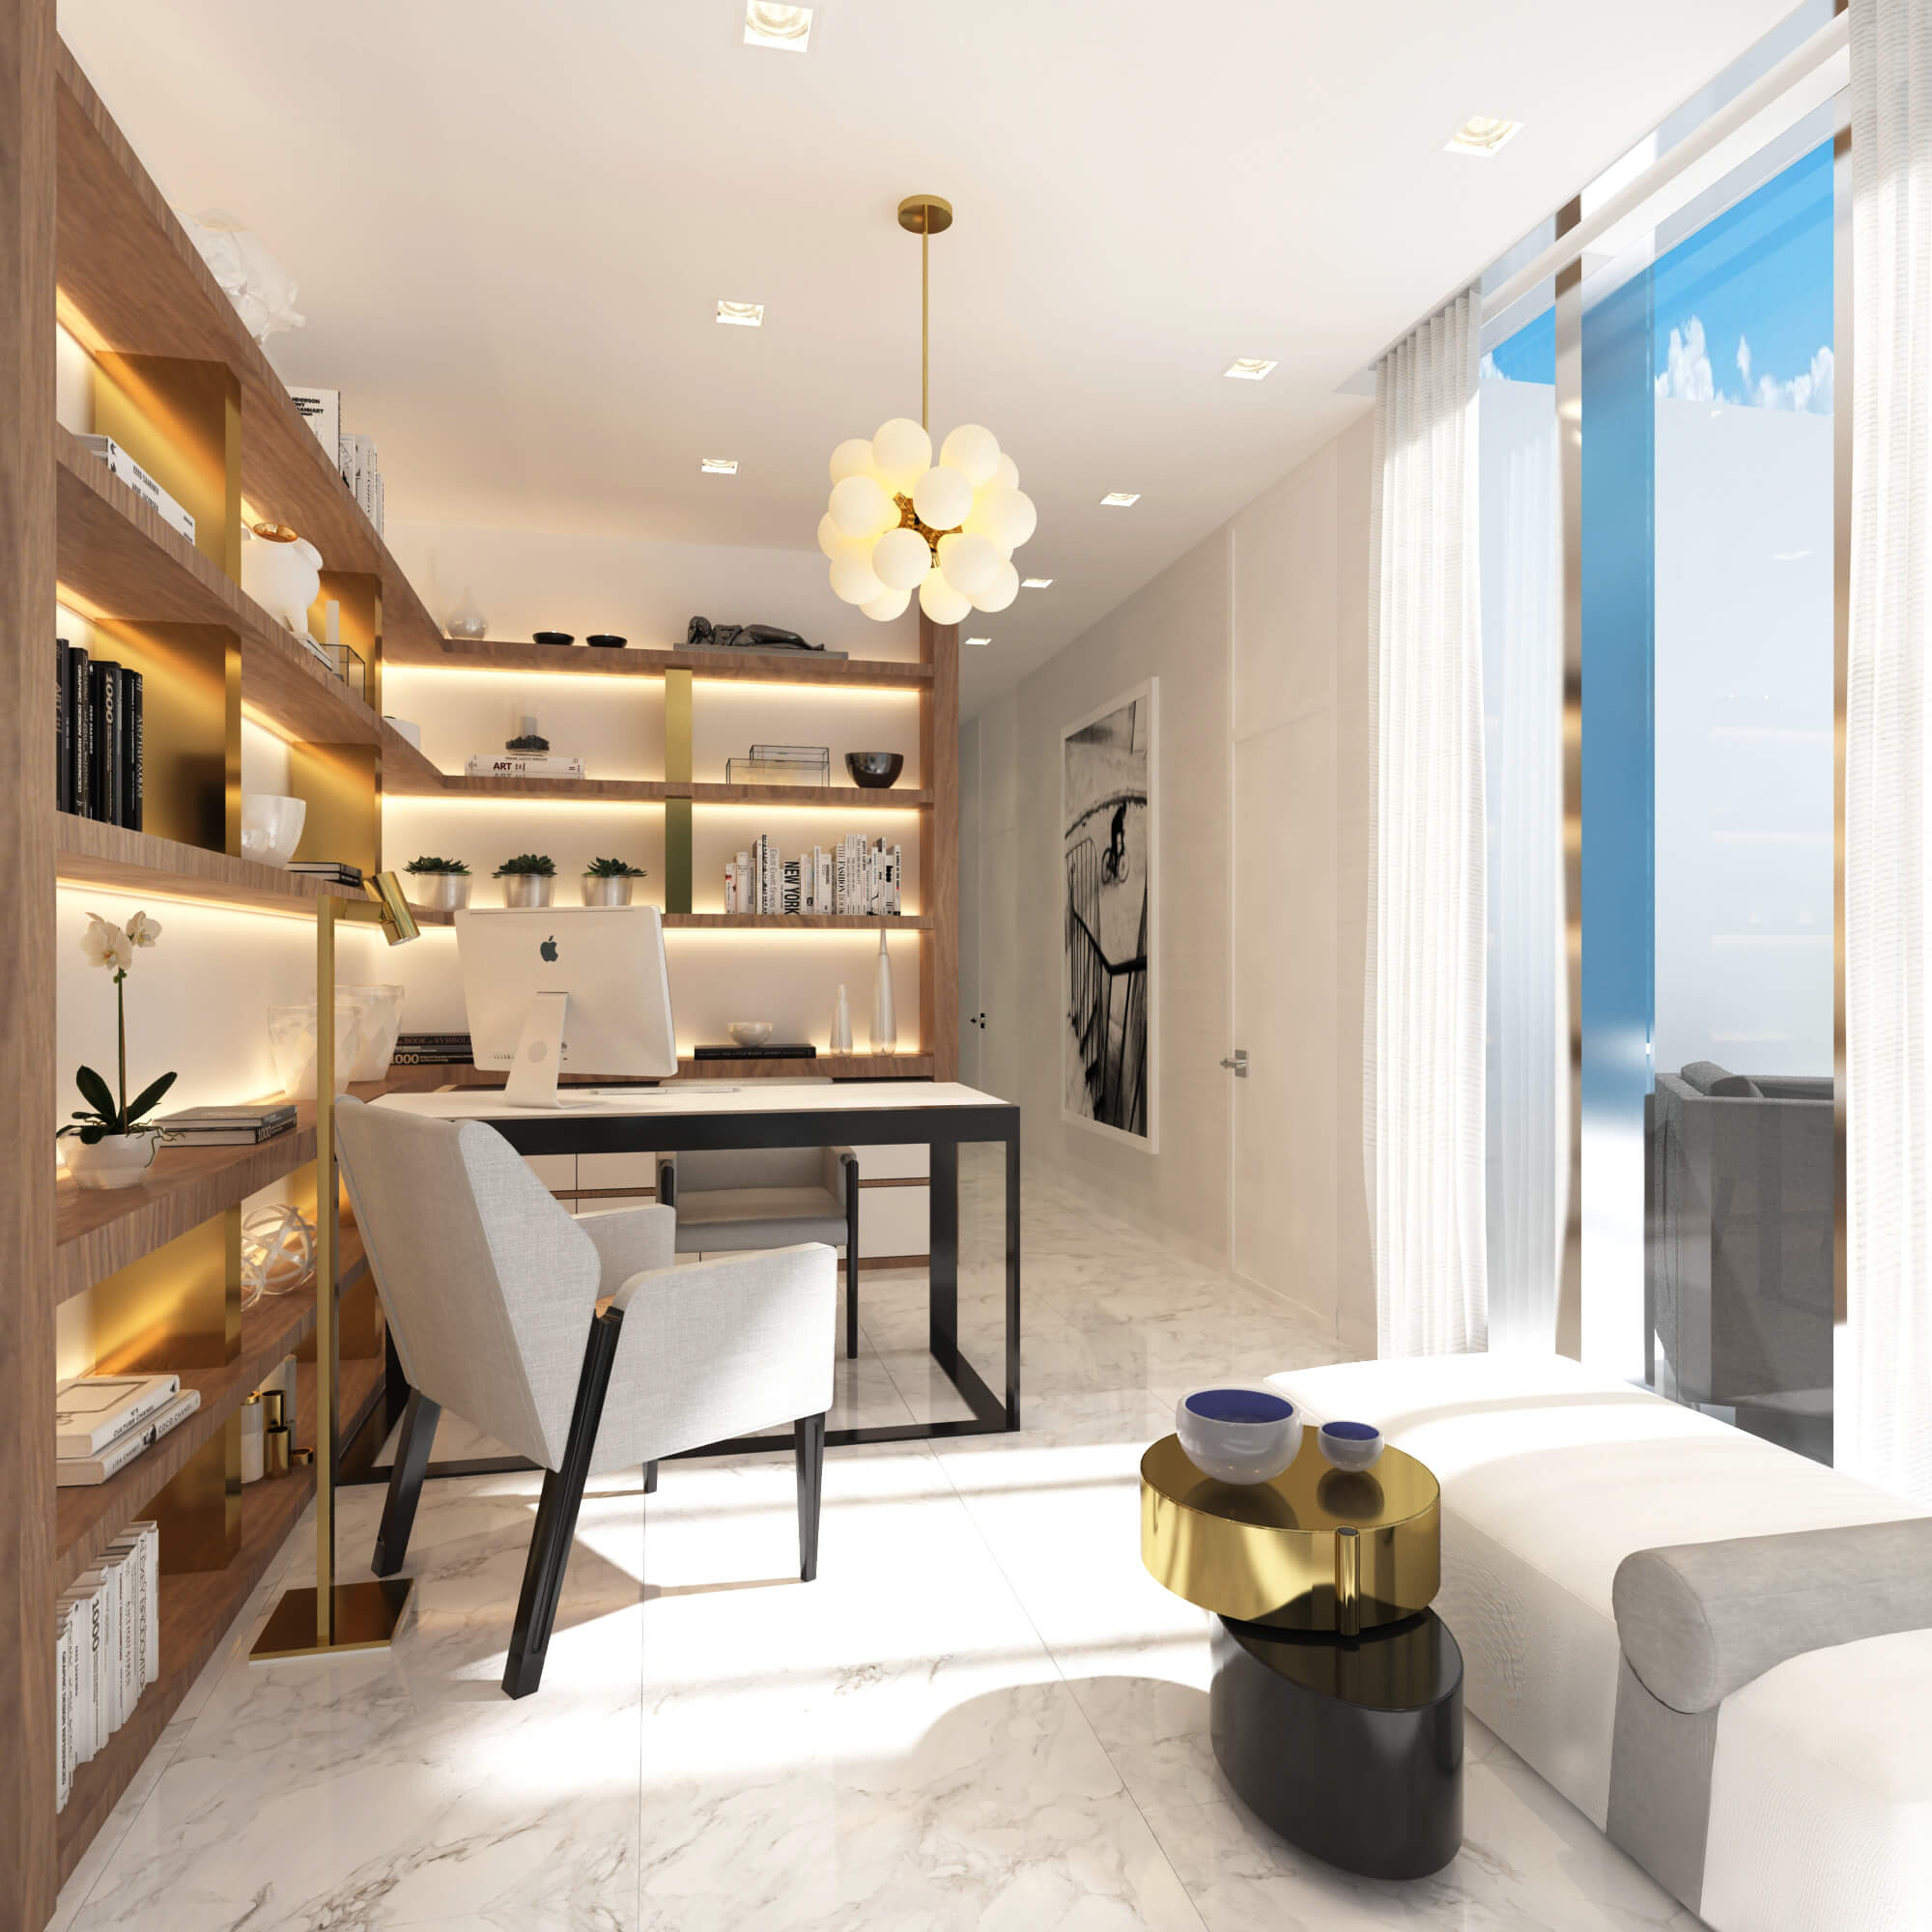 JADE SIGNATURE by Britto Charette Interior Design